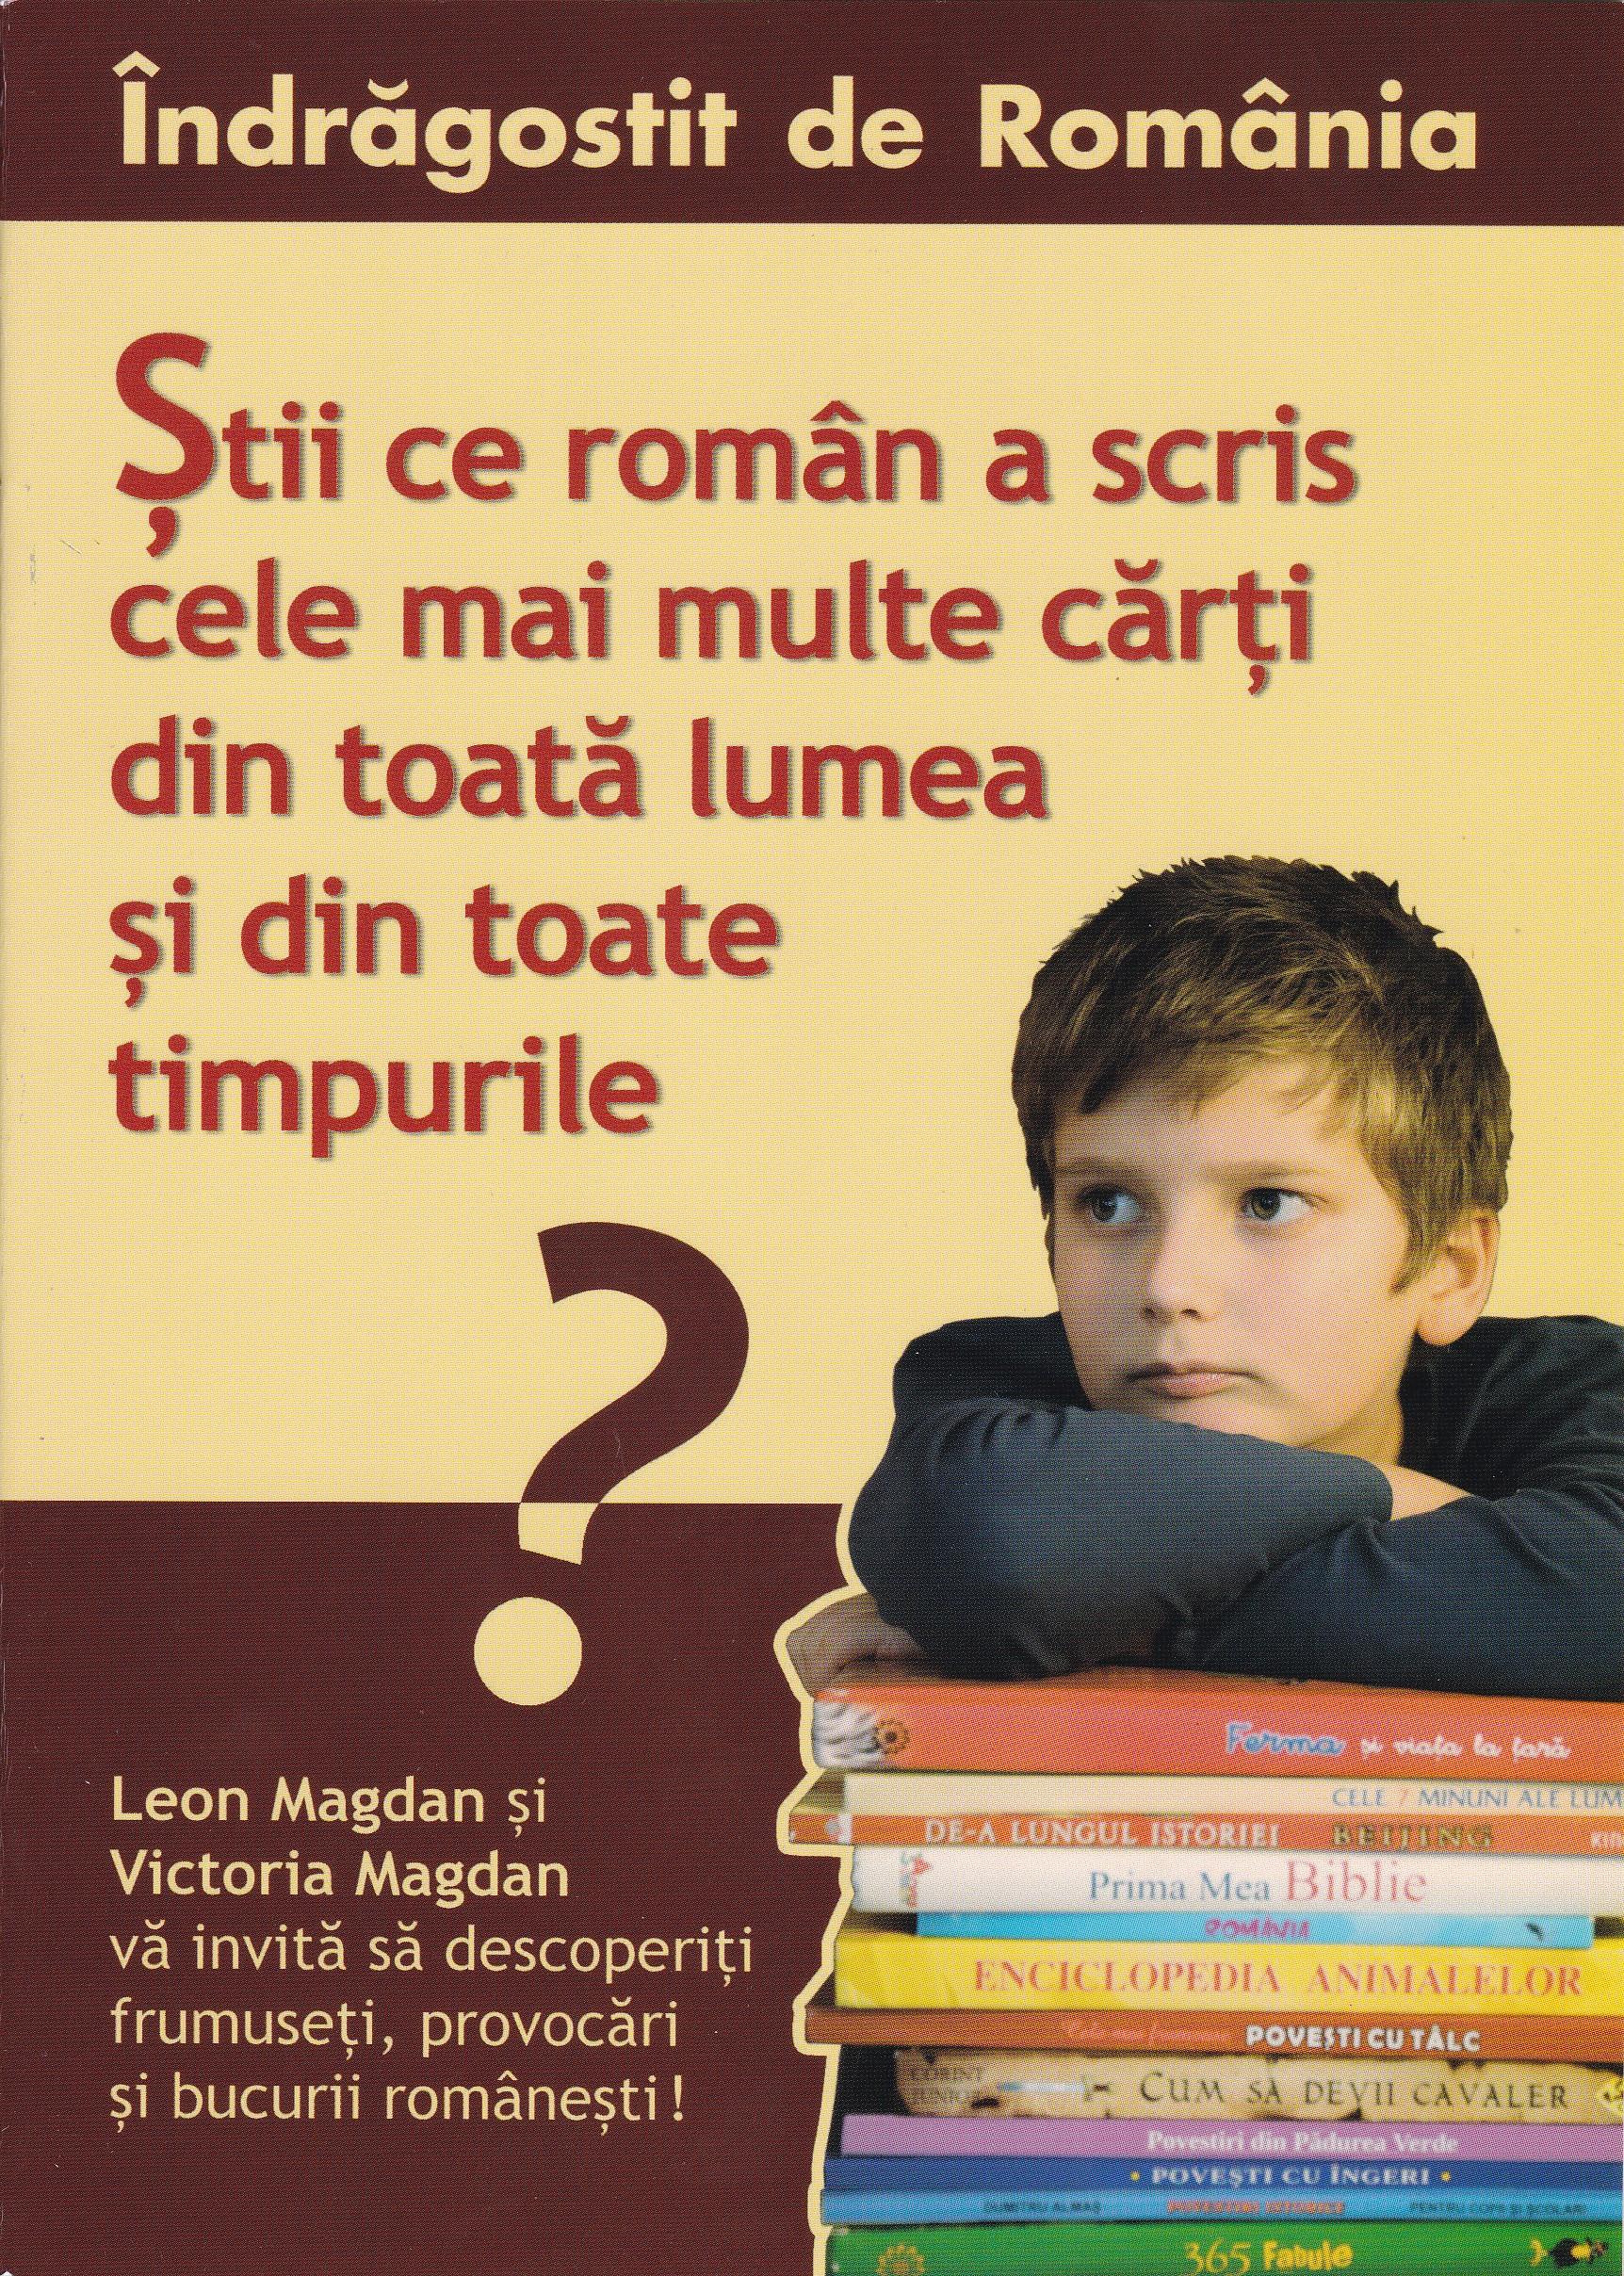 Stii ce roman a scris cele mai multe carti? Indragostit de Romania